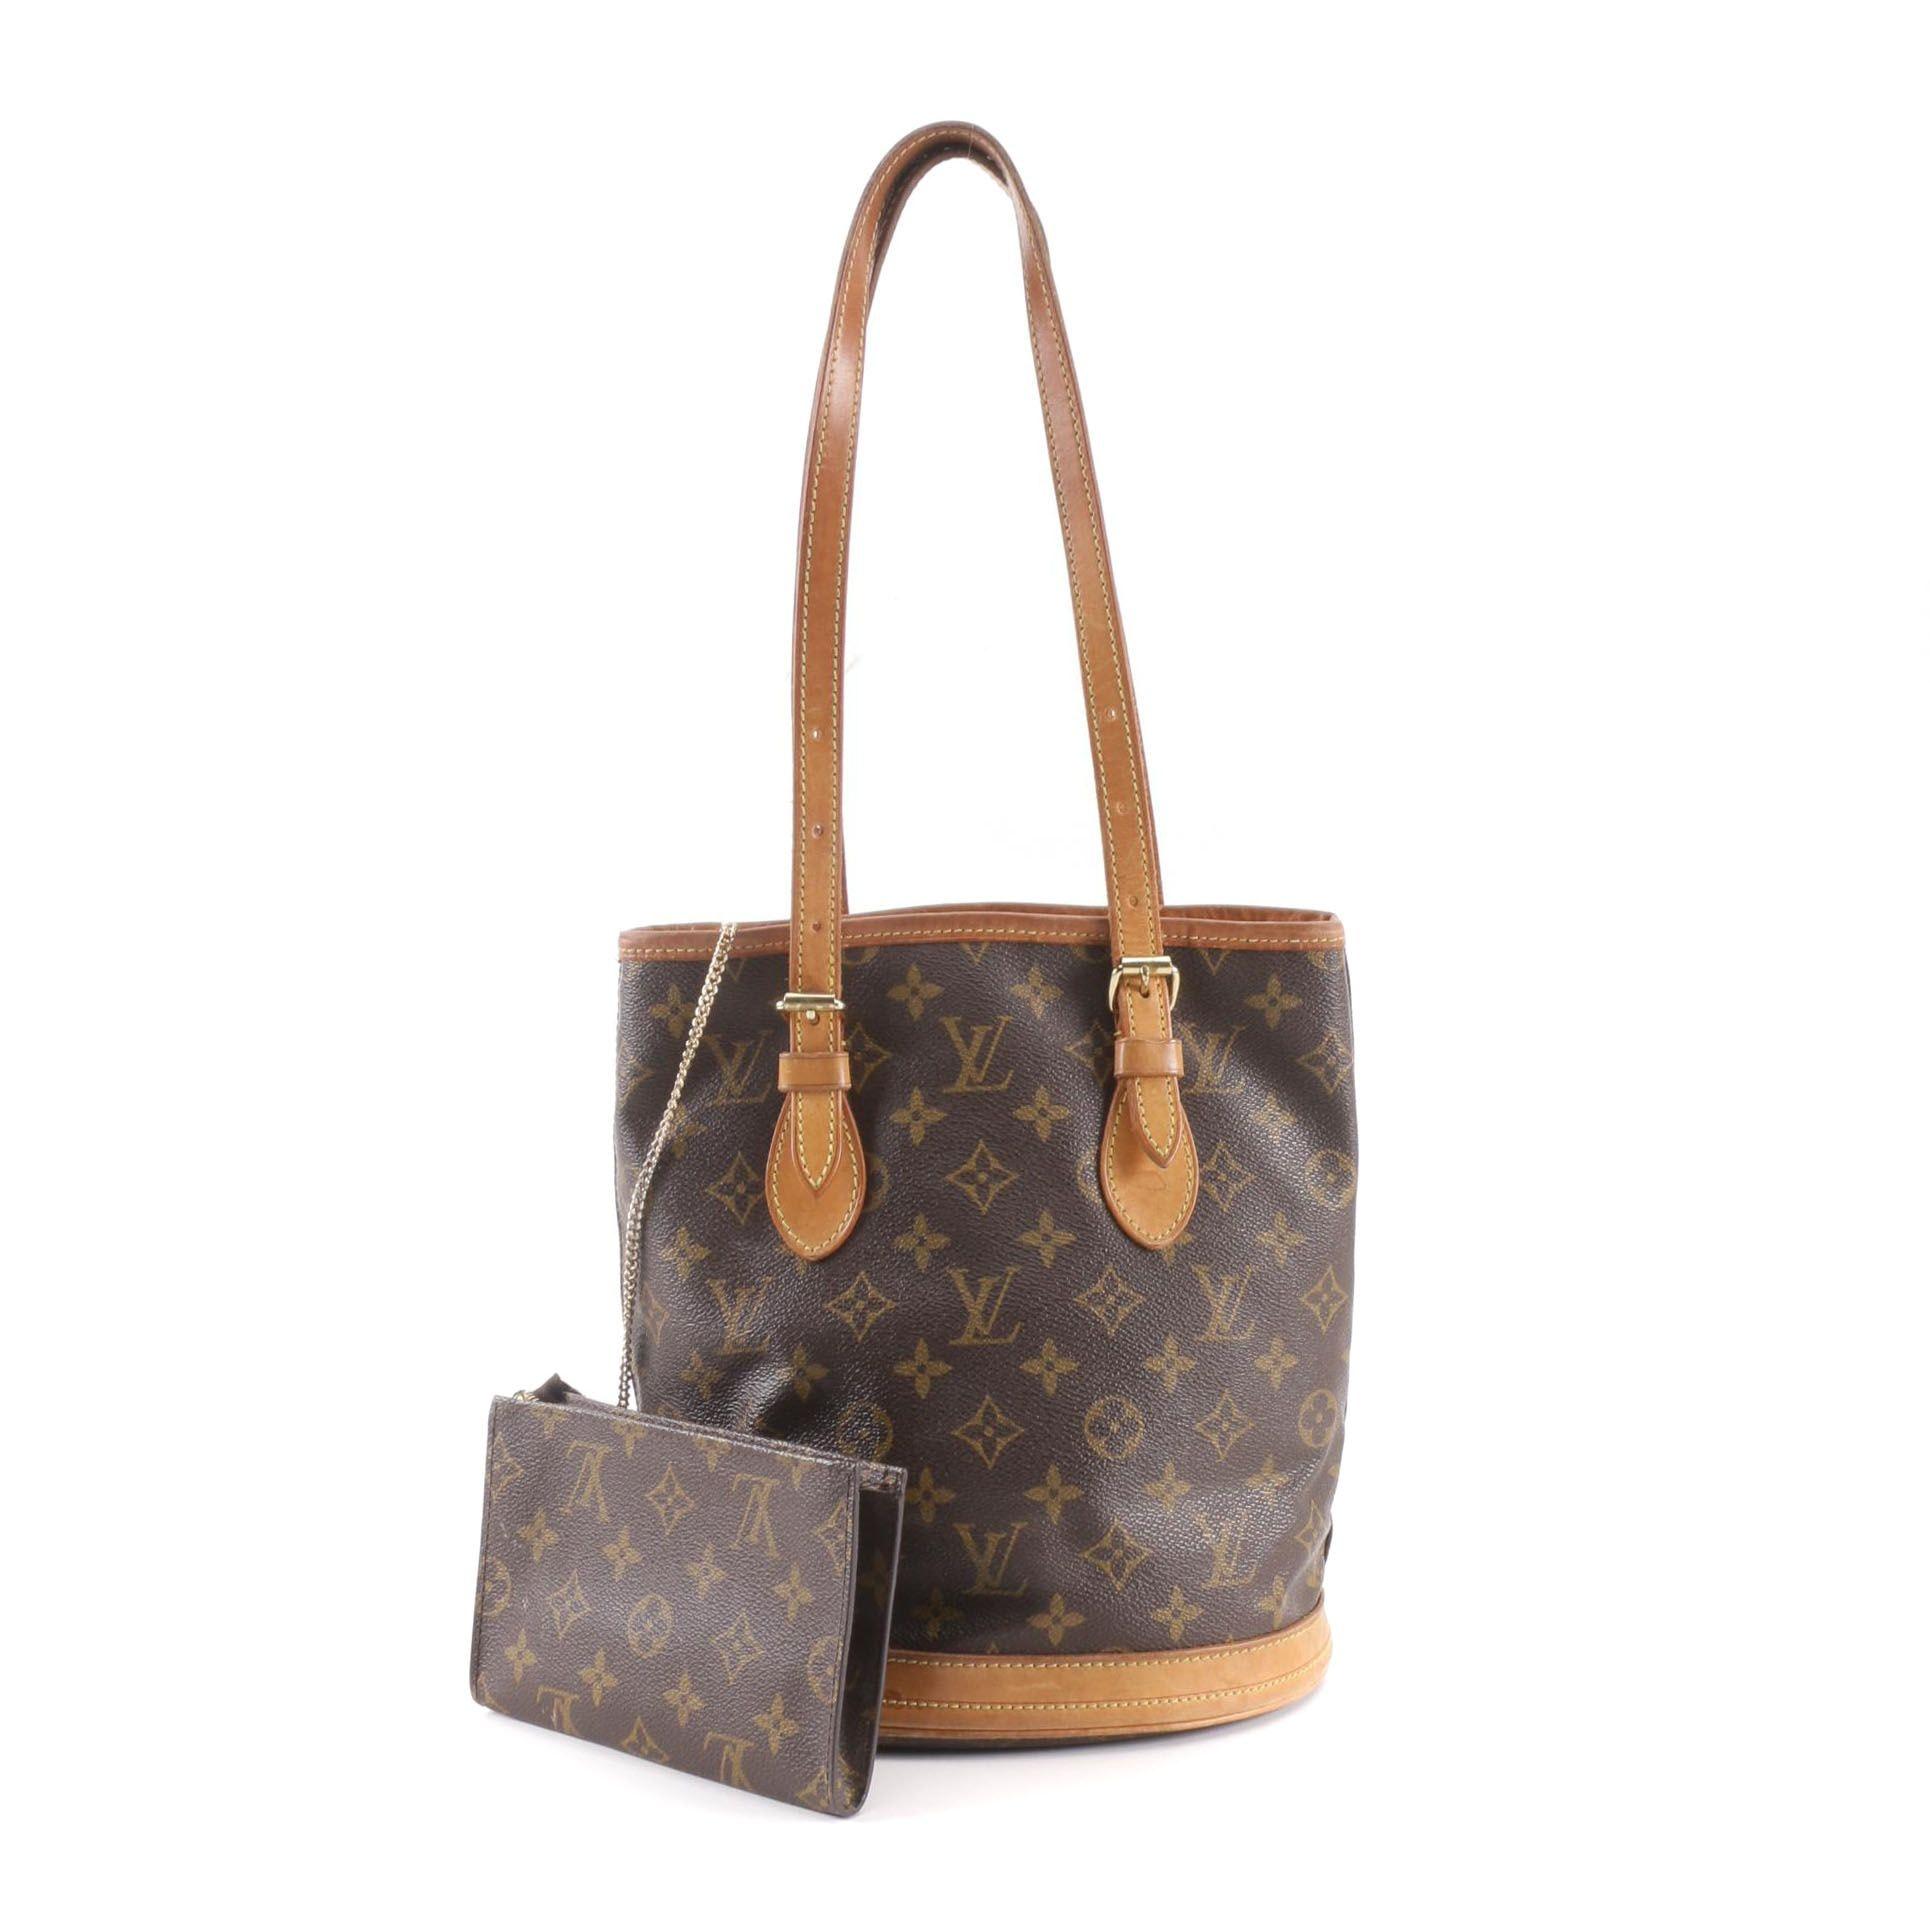 2001 Louis Vuitton Paris Monogram Canvas Marais PM Petite Bucket Bag with Pouch